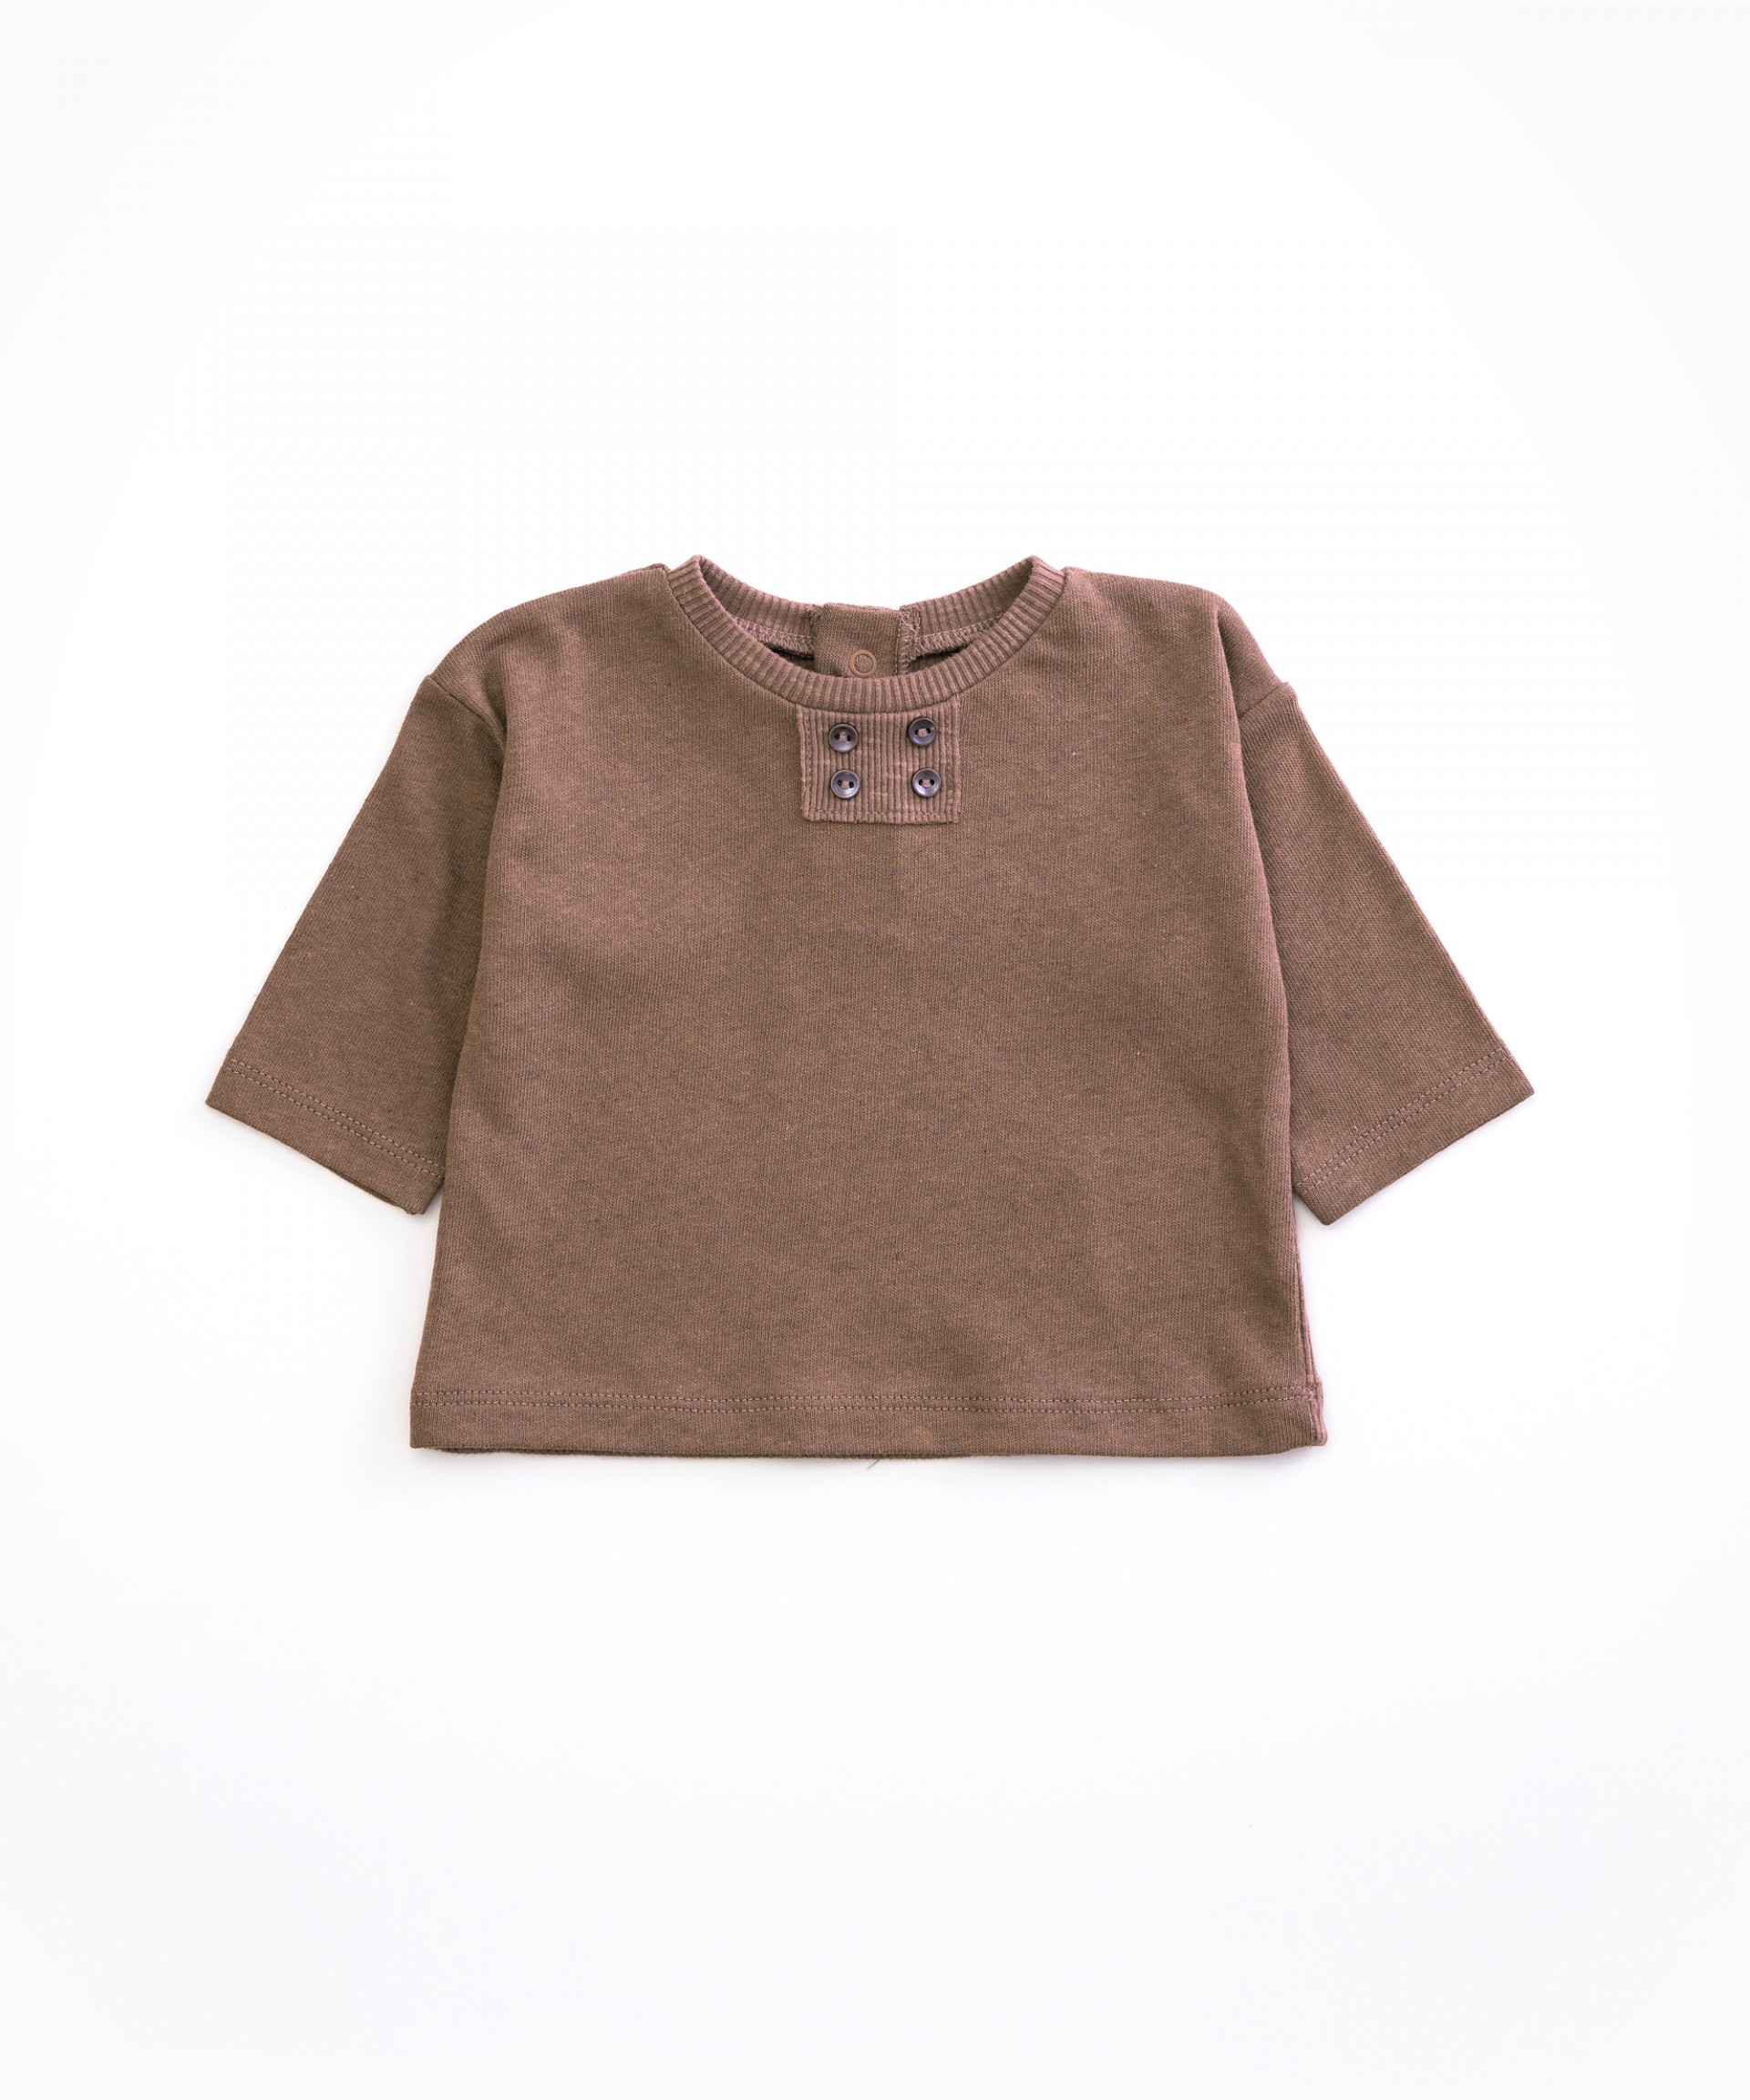 T-shirt em algodão orgânico e linho | Woodwork